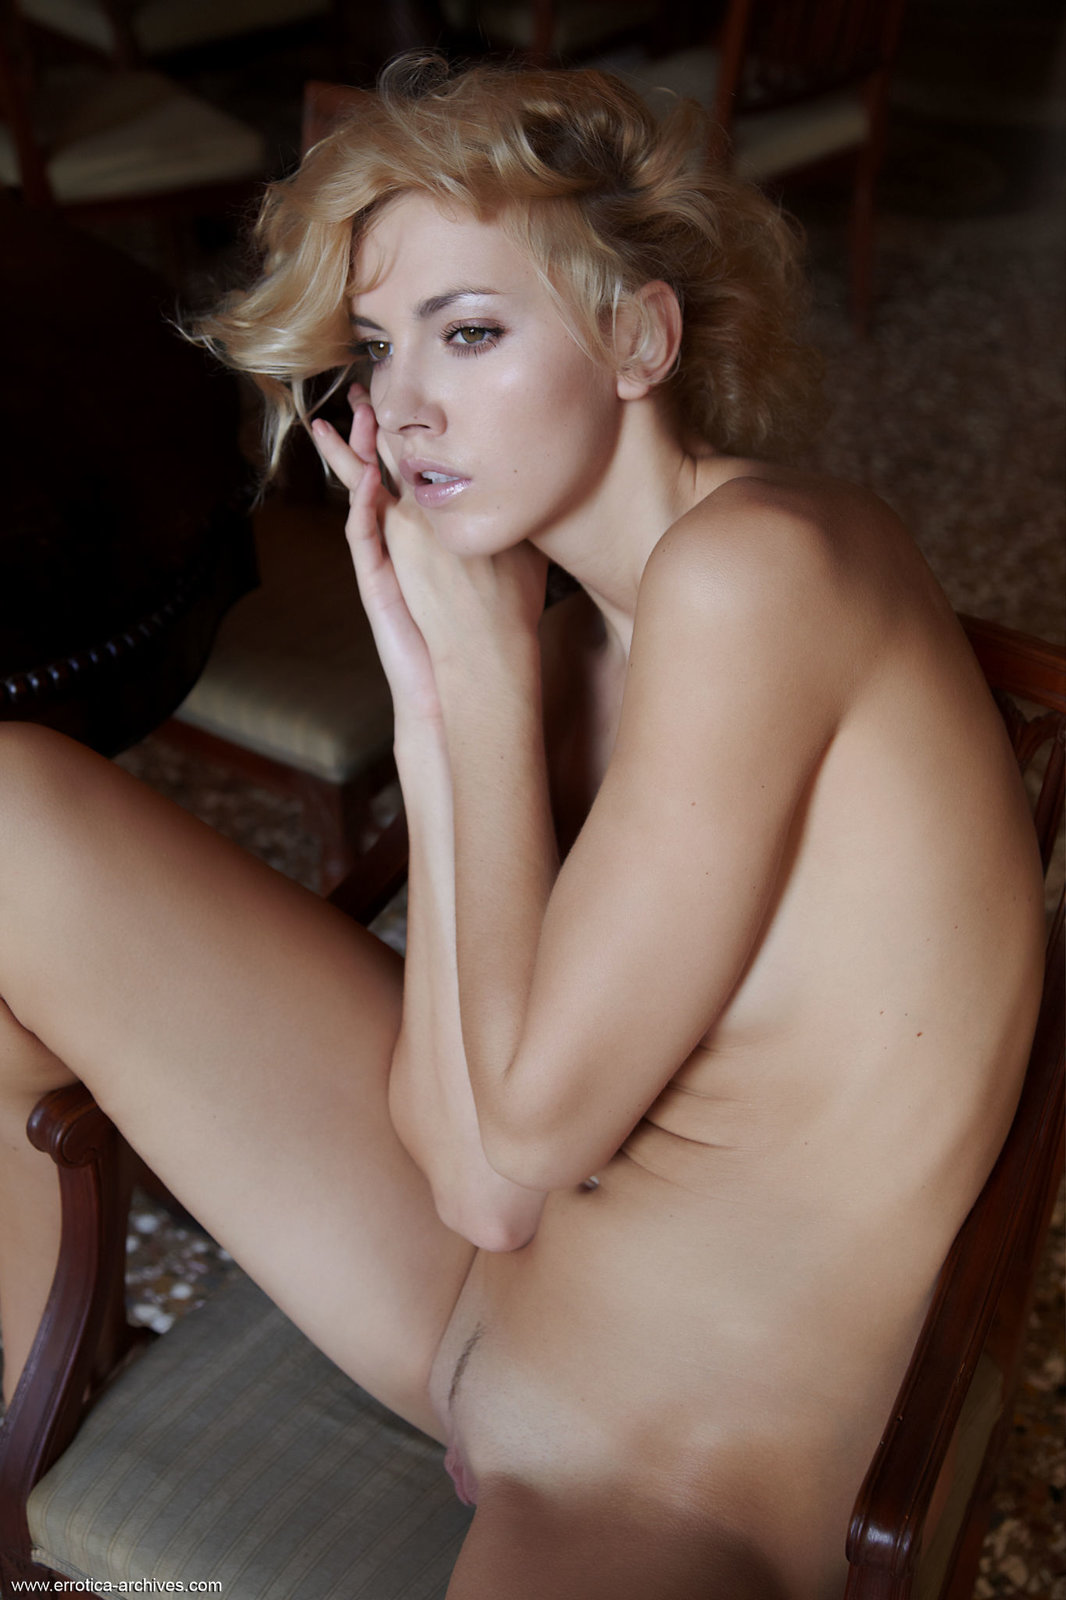 Zdjęcie porno - 04 11 - Seksowna niunia w jadalni